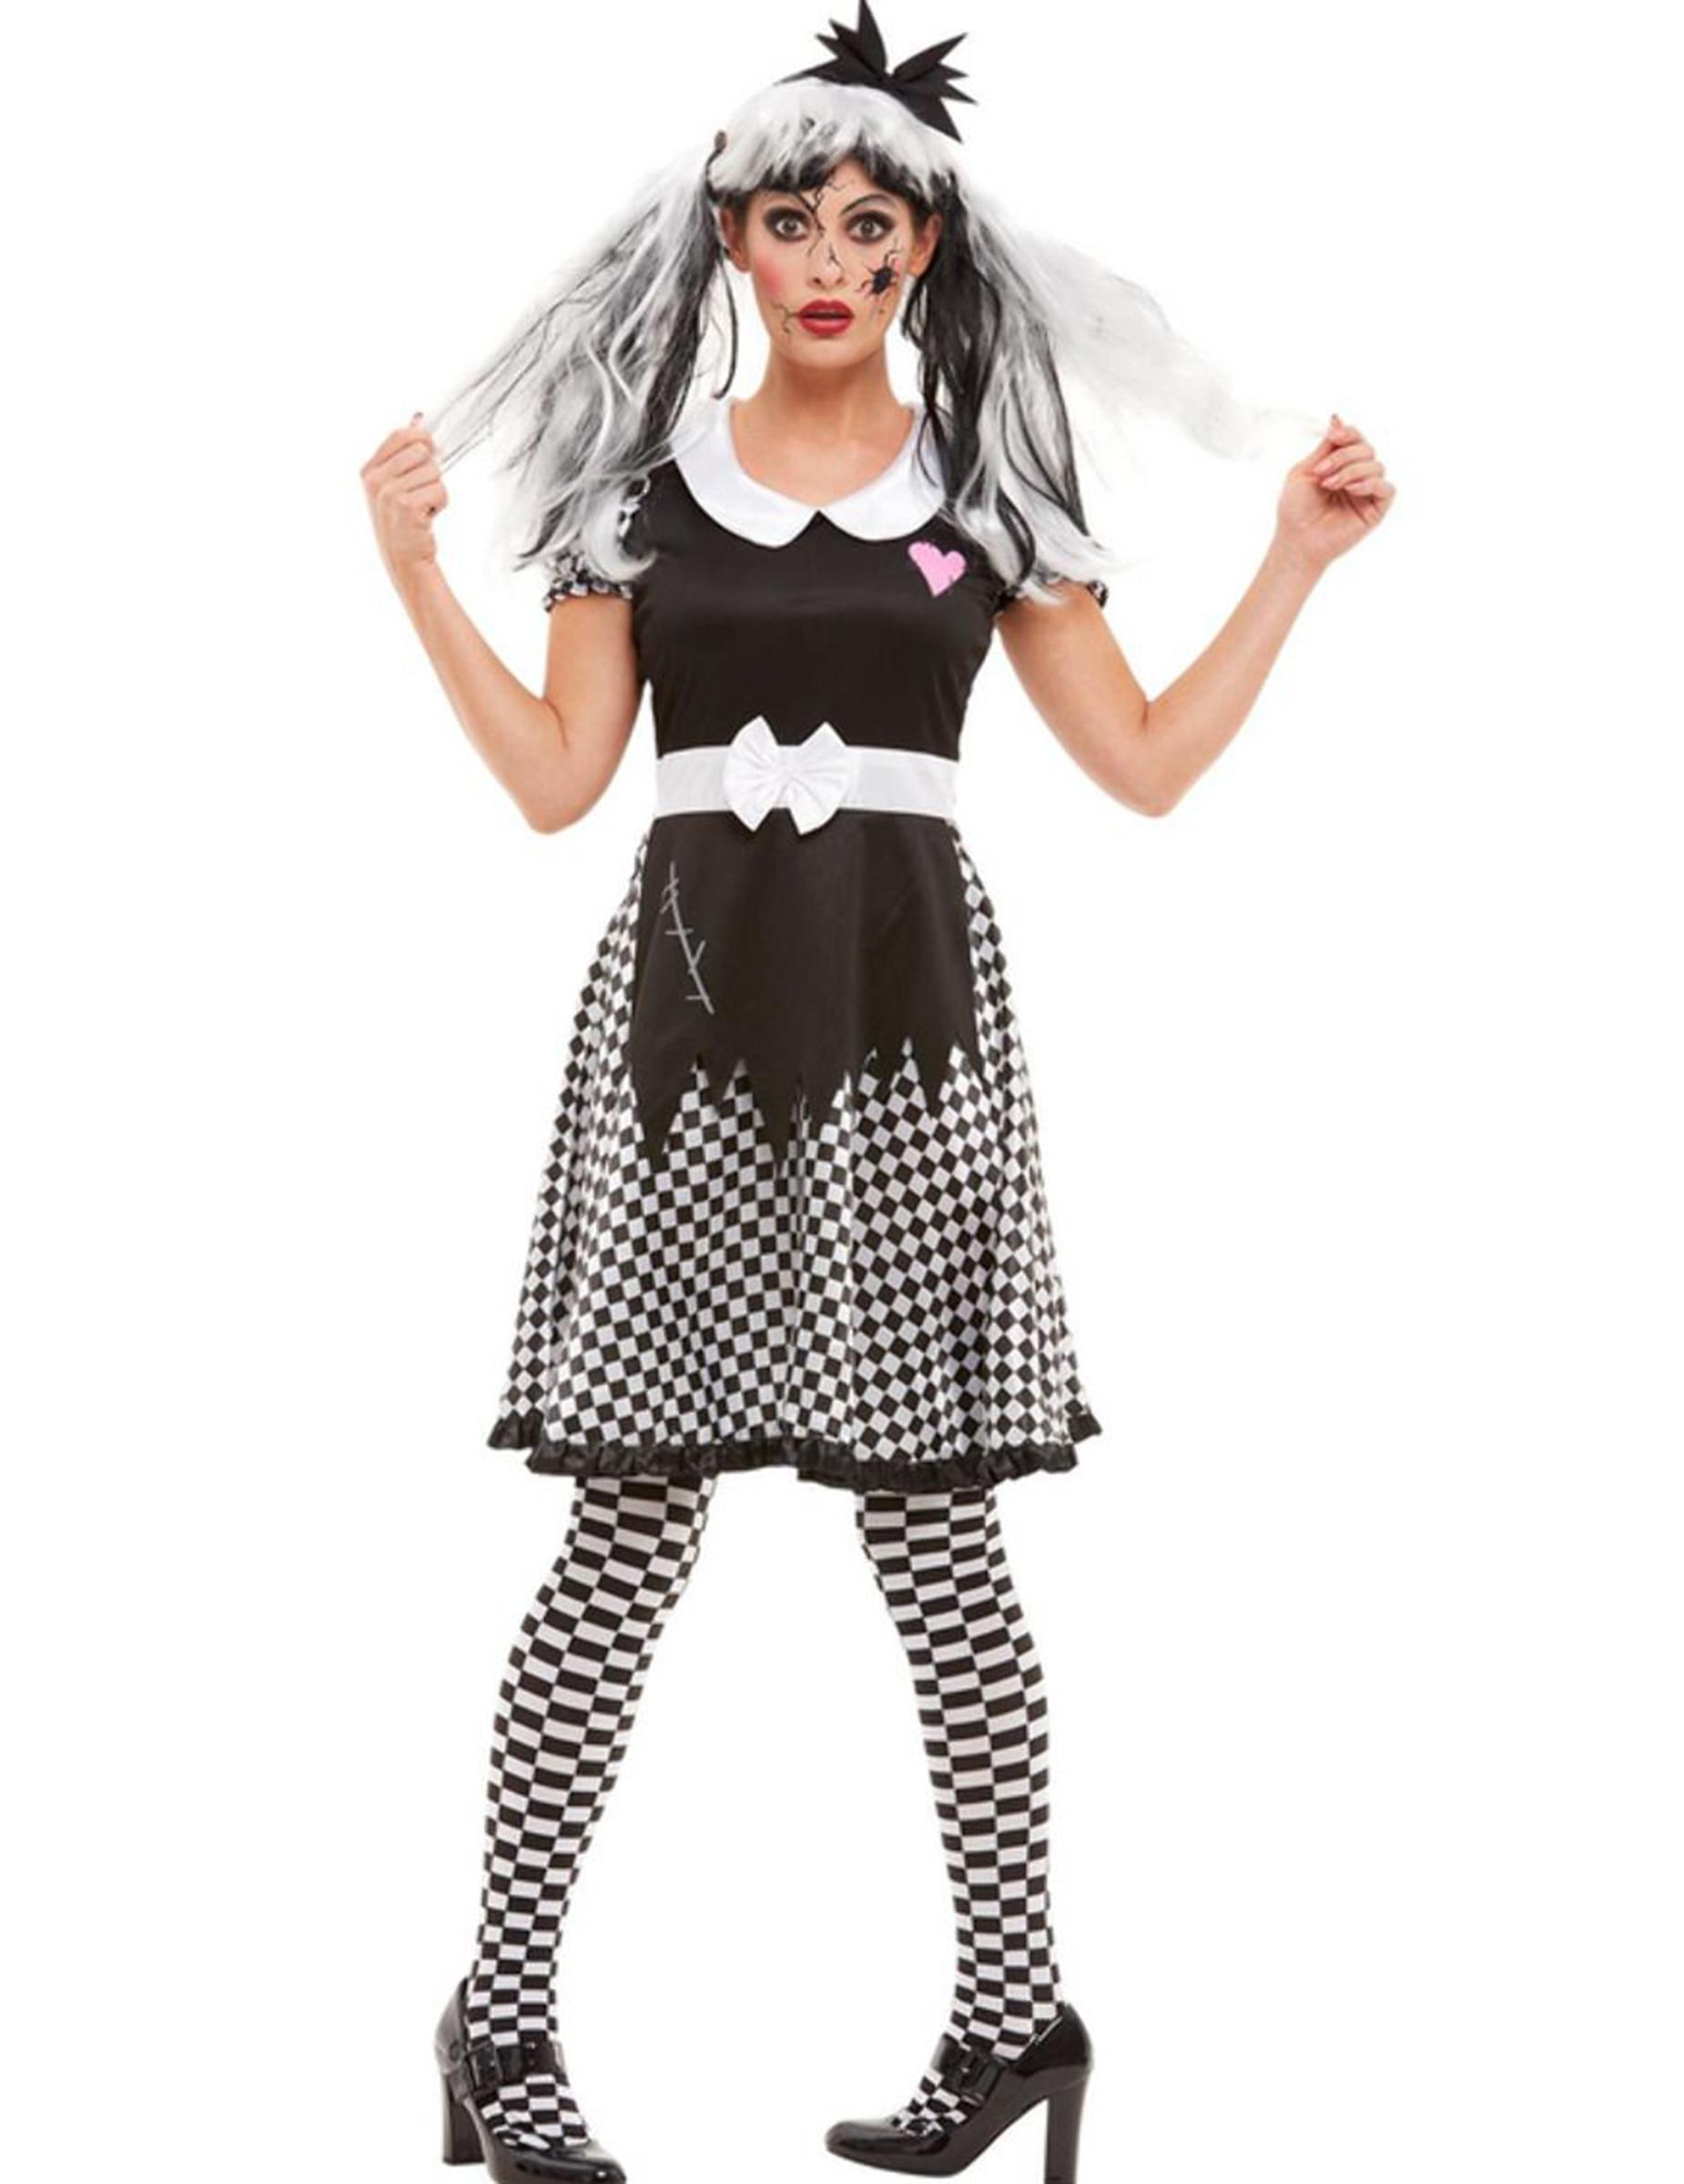 Gruselige Horror-Puppe Damenkostüm für Halloween schwarz-weiss - XL 294949